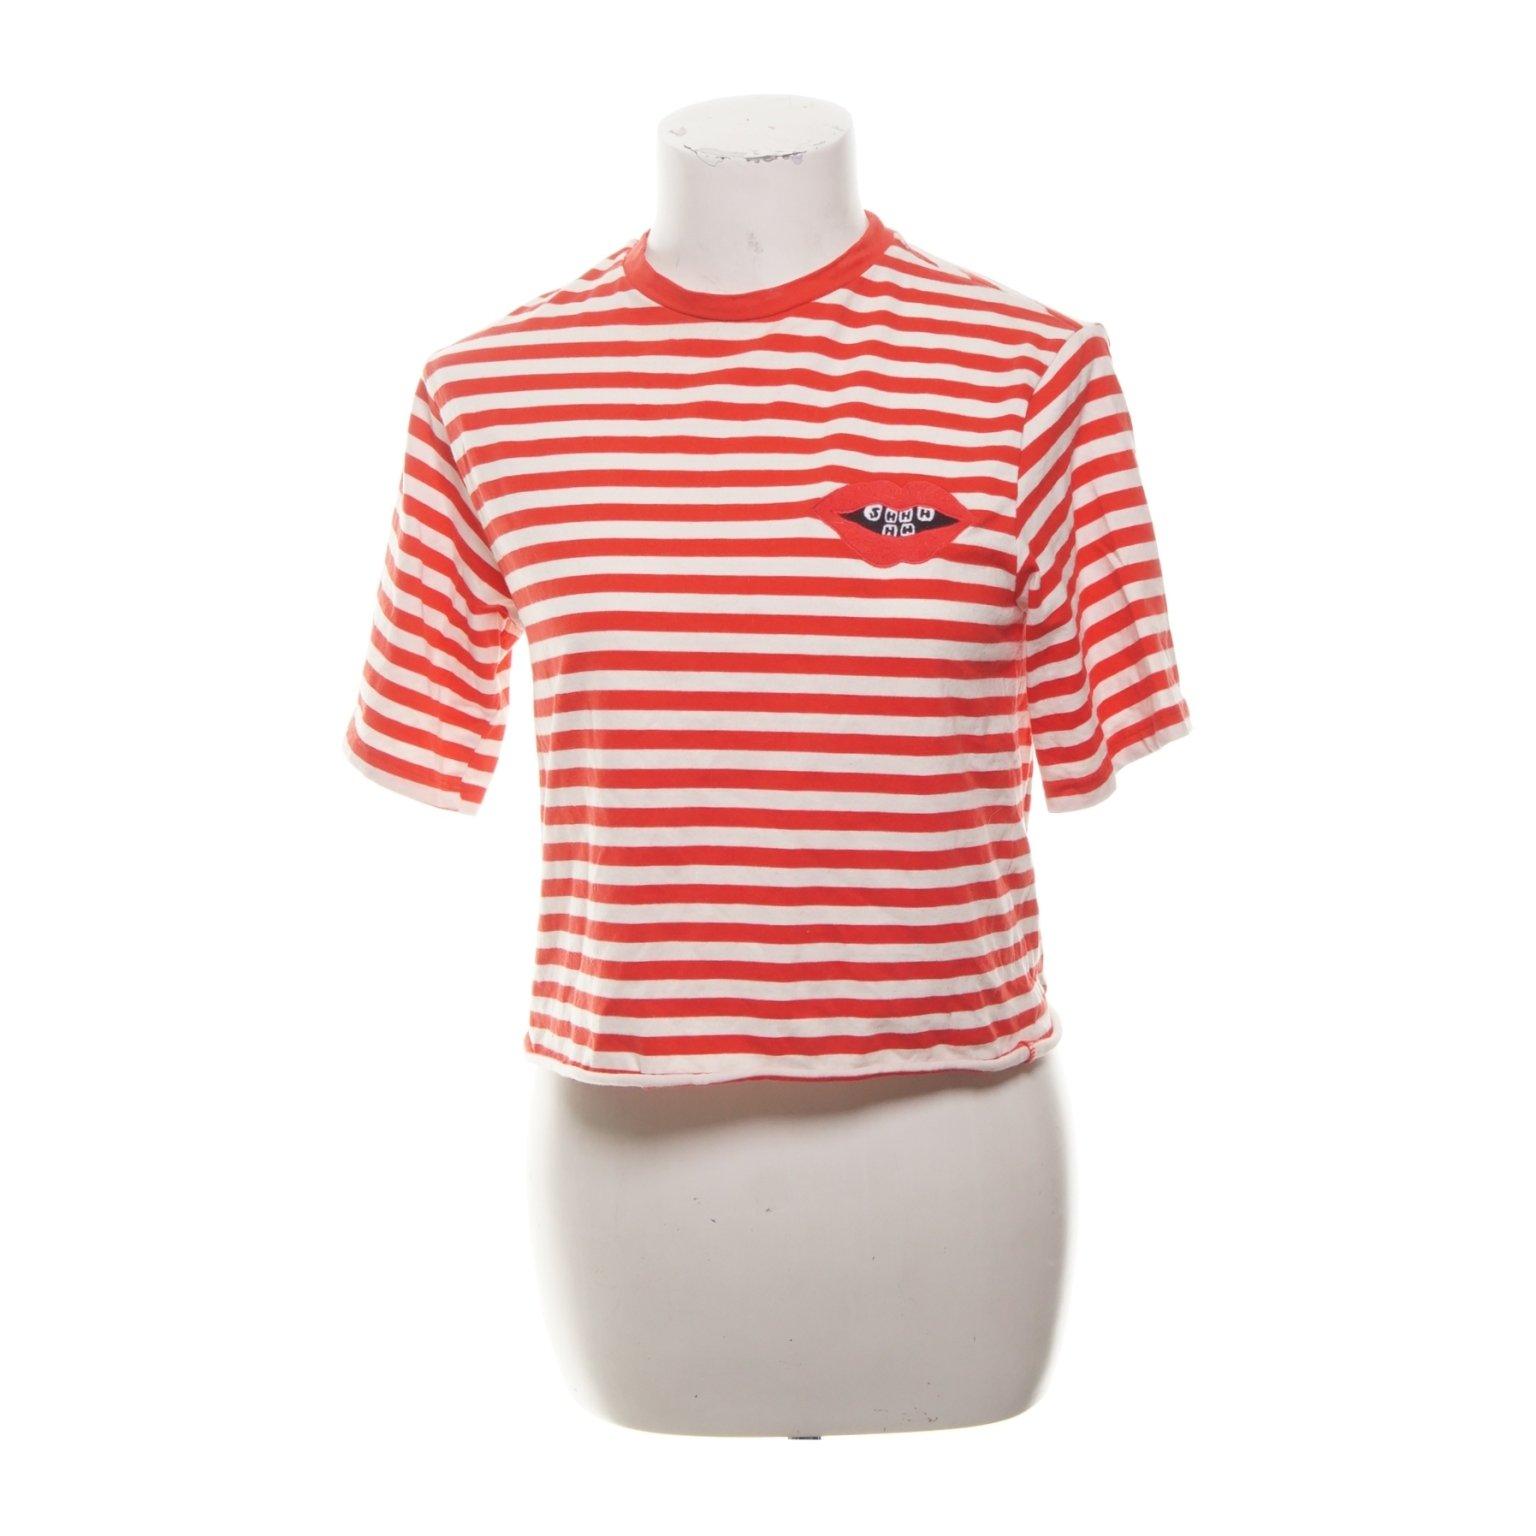 H&M t shirt, strl 34, vit